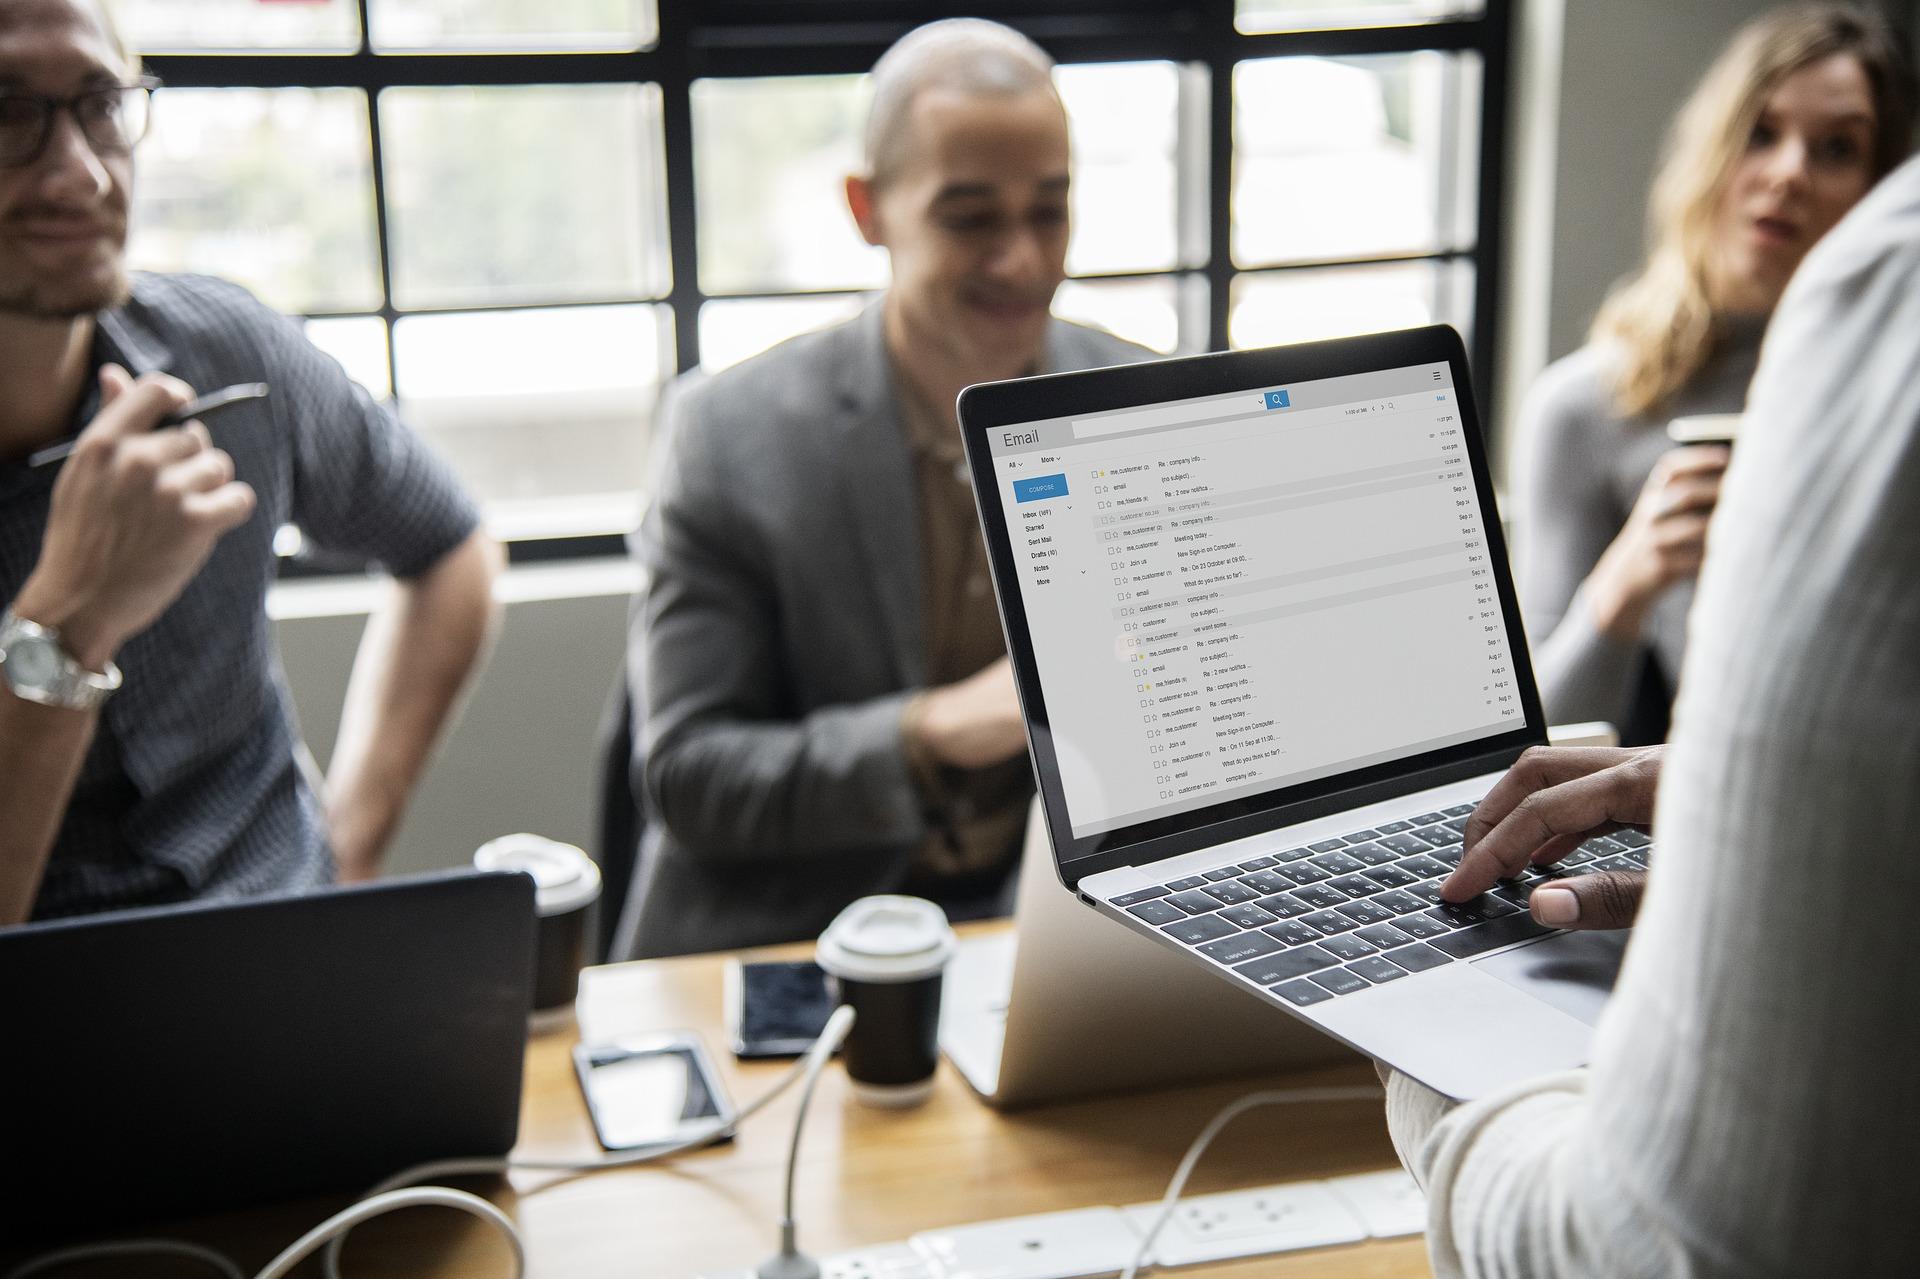 Imagem mostra simulação vendas para o governo. Mulher segura um notebook, enquanto ao fundo 2 homens e uma mulher se reúnem.